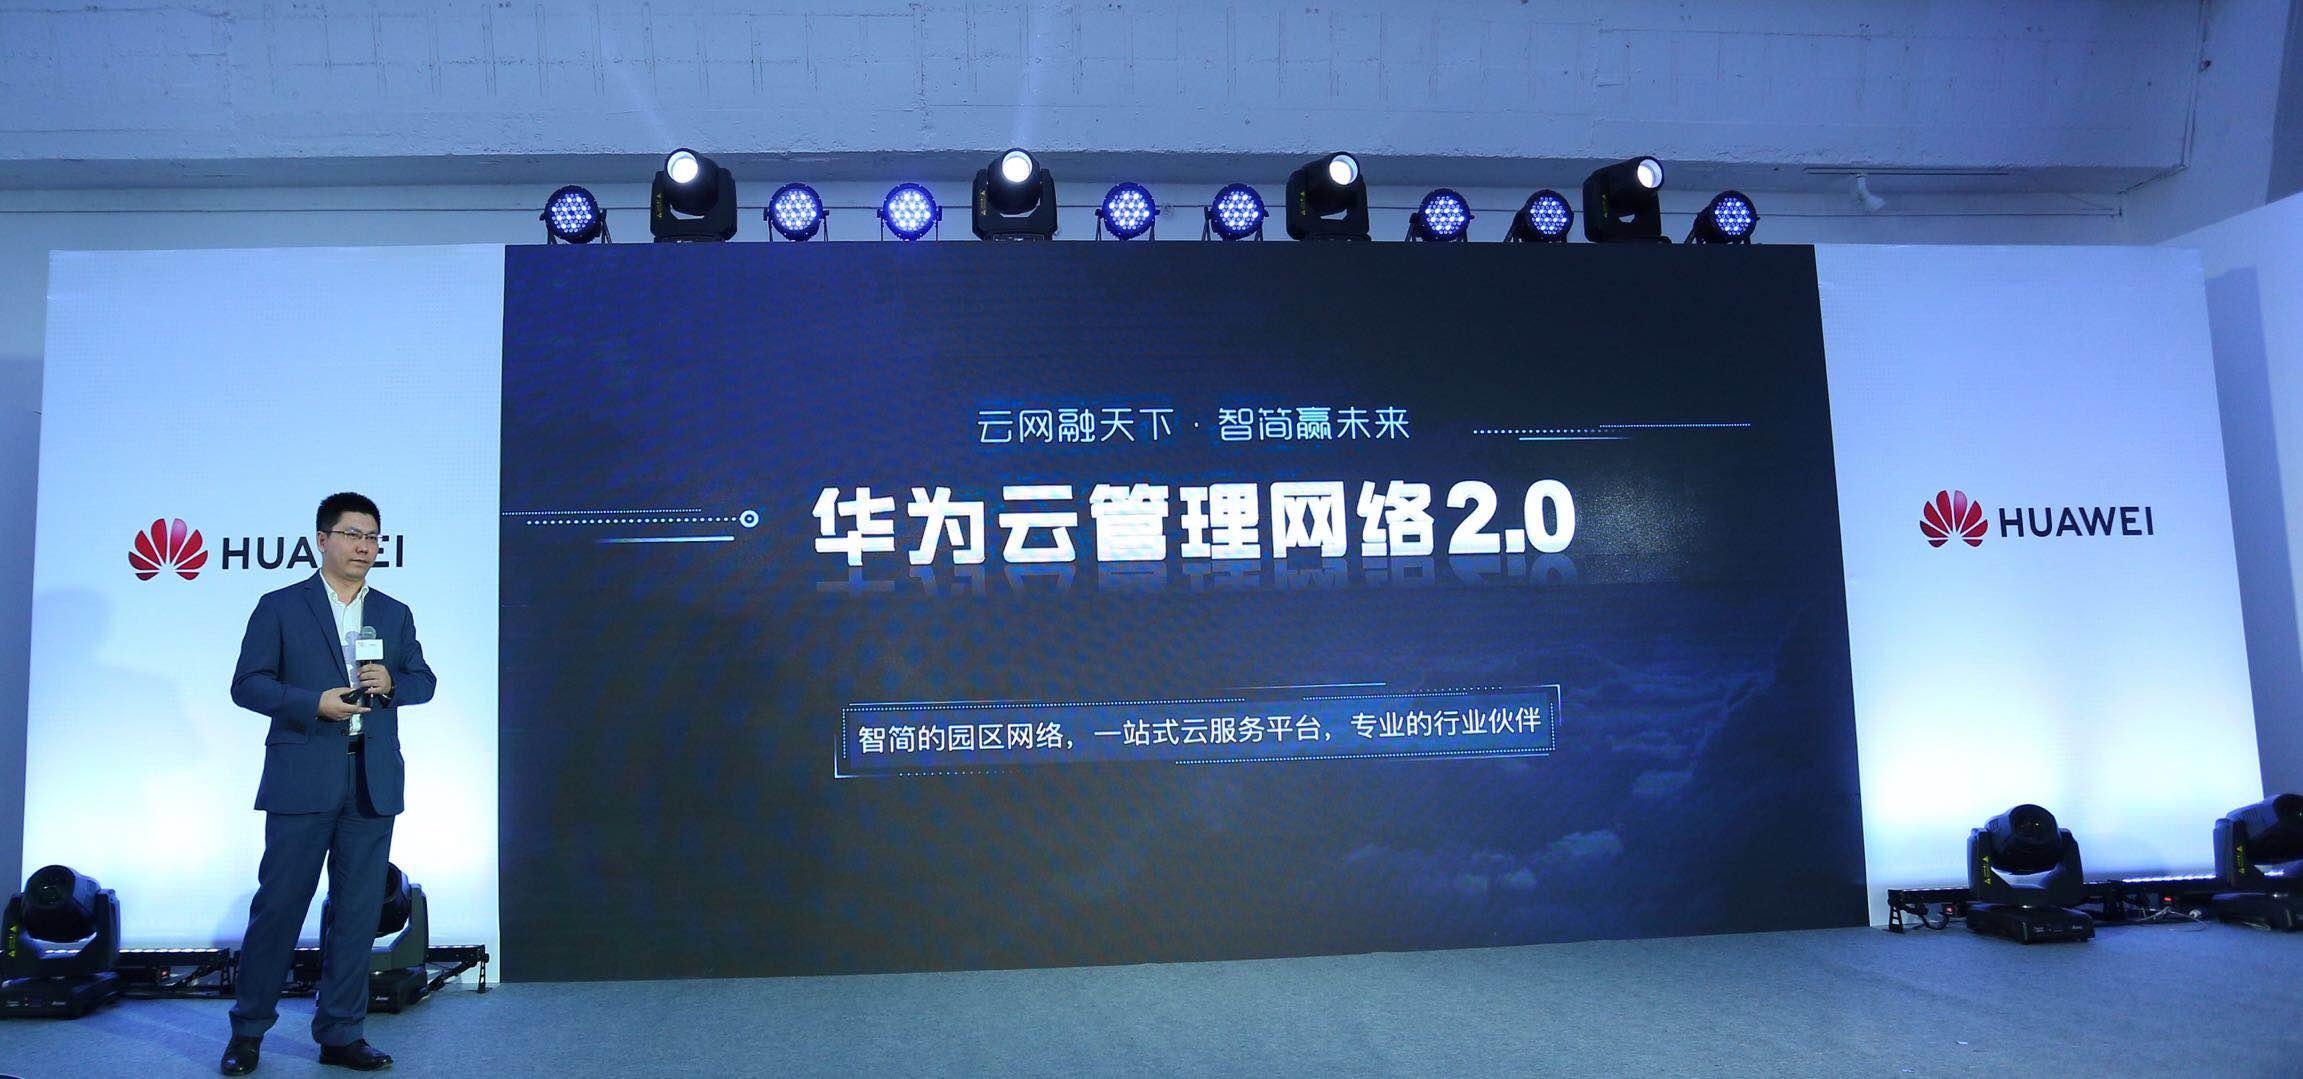 云网融天下,智简赢未来 华为发布云管理网络2.0